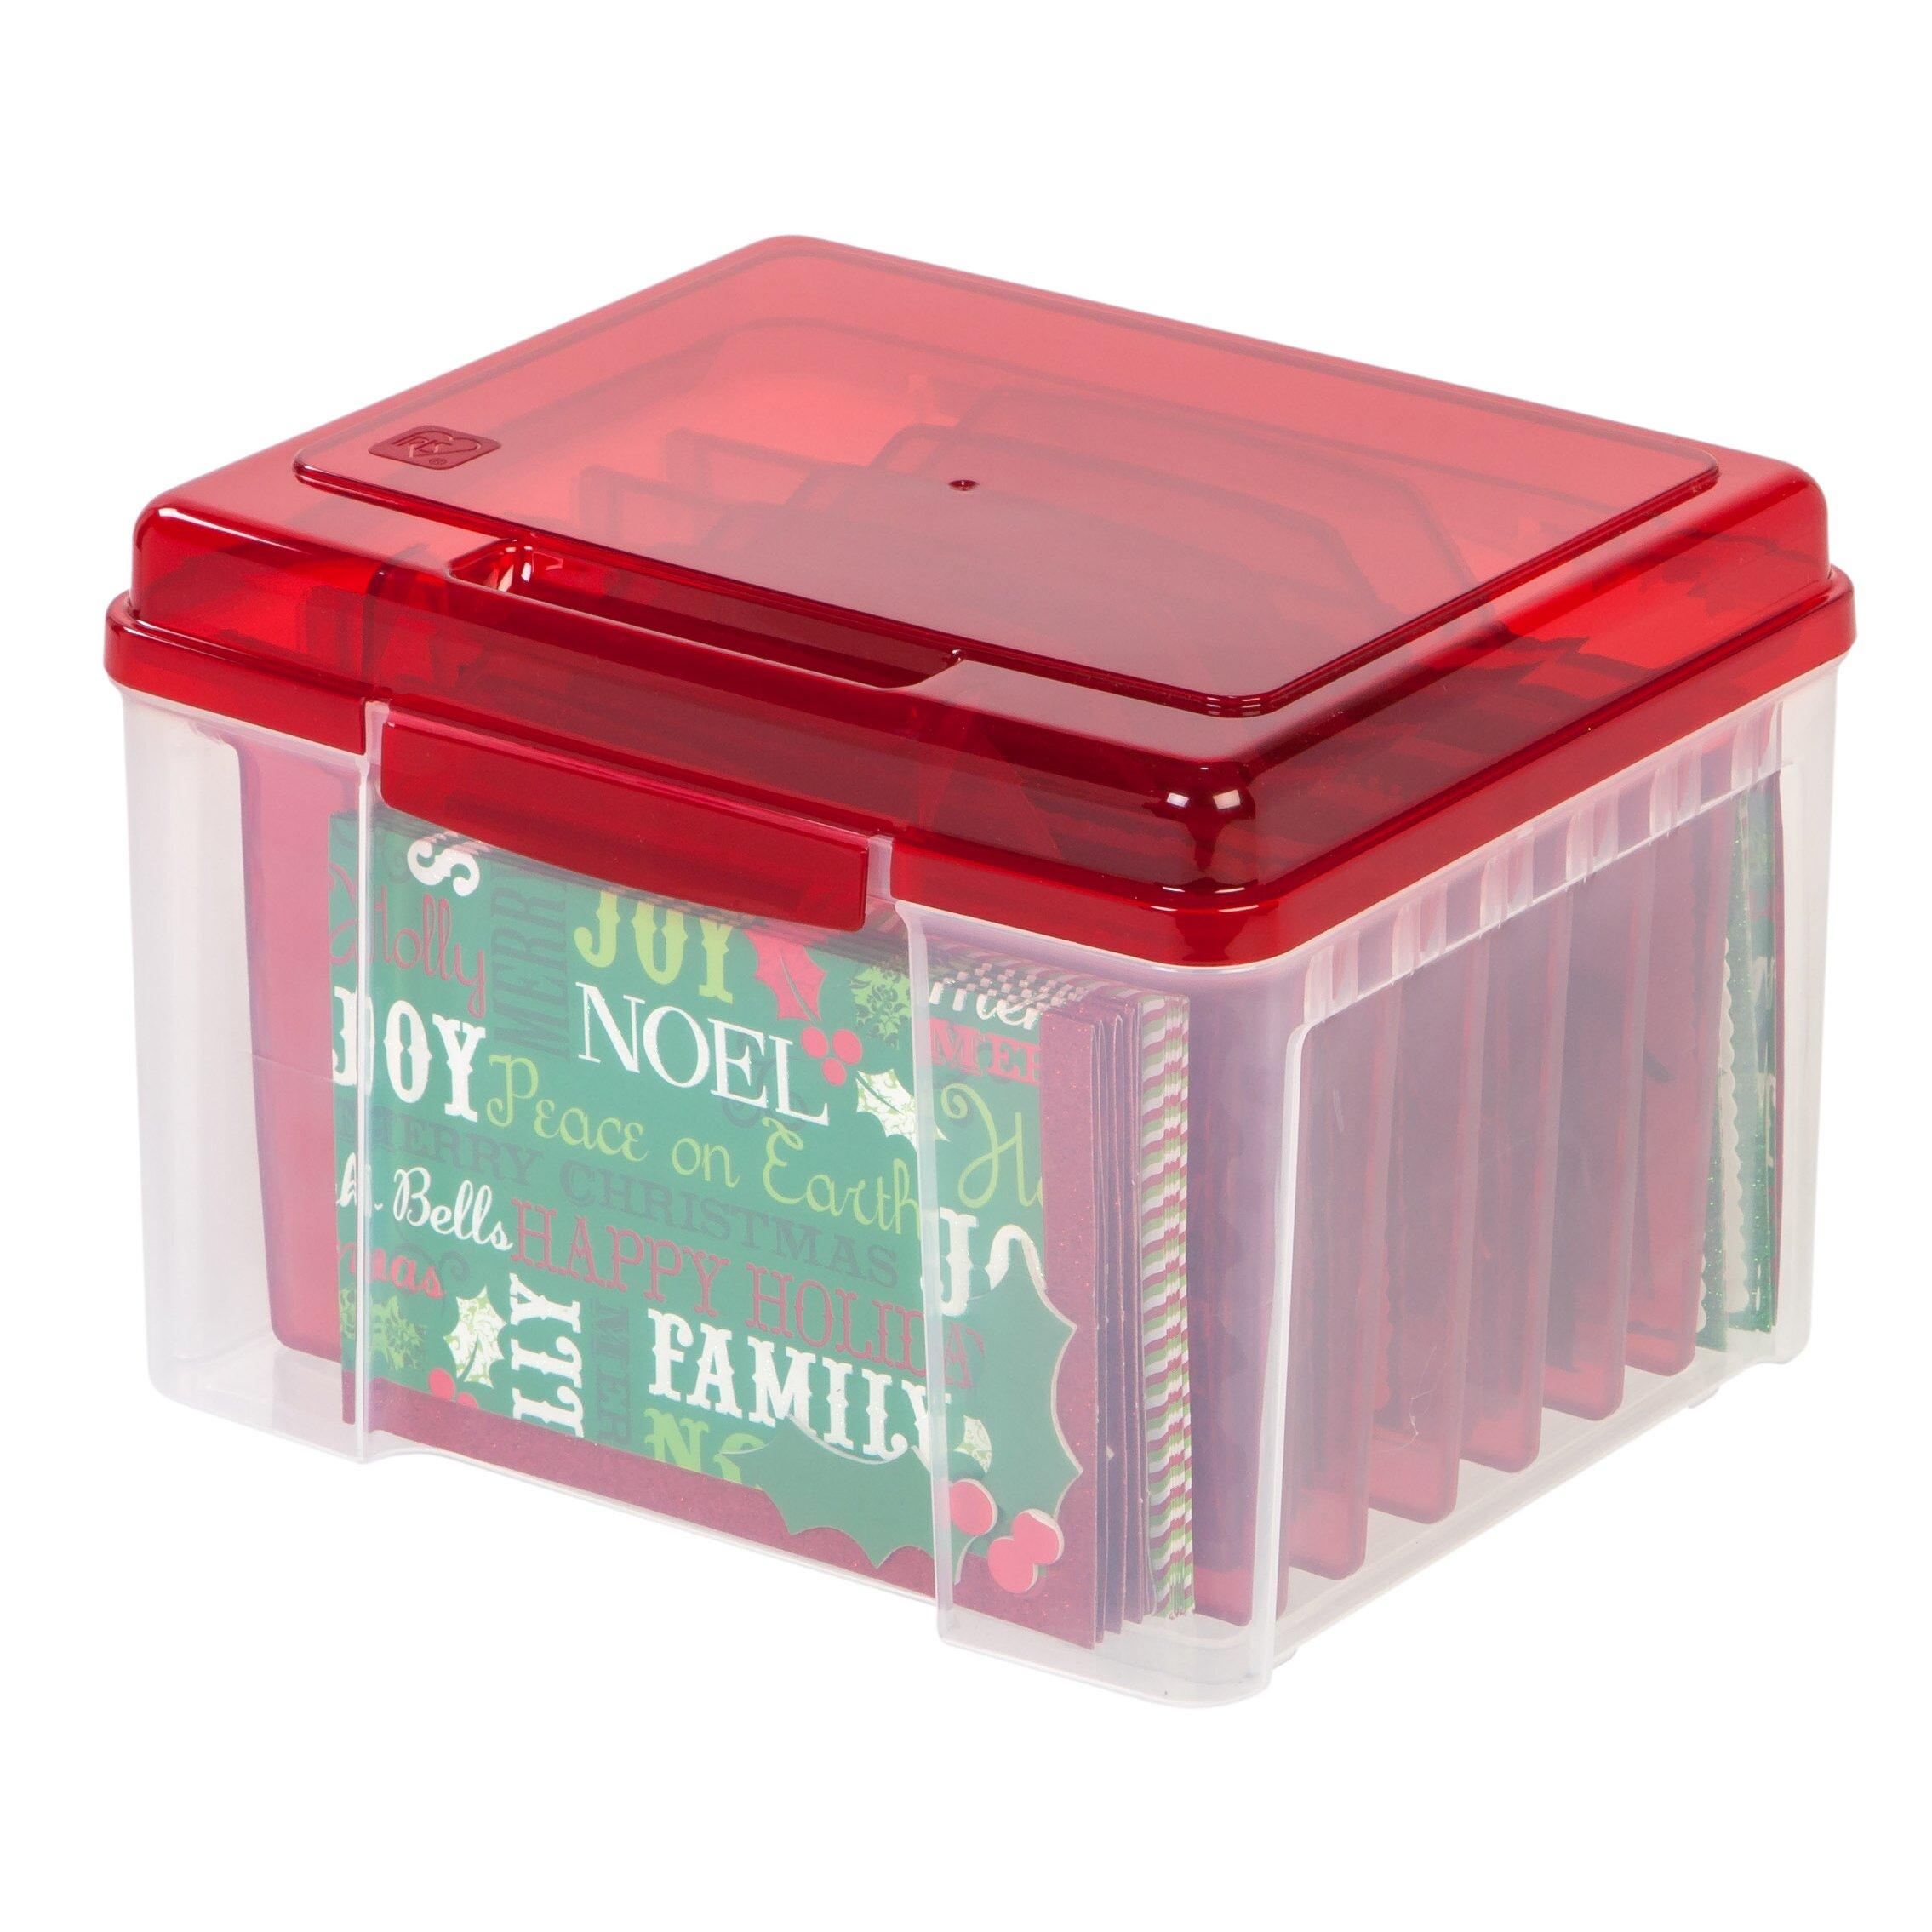 IRIS Greeting Card Storage Box & Reviews